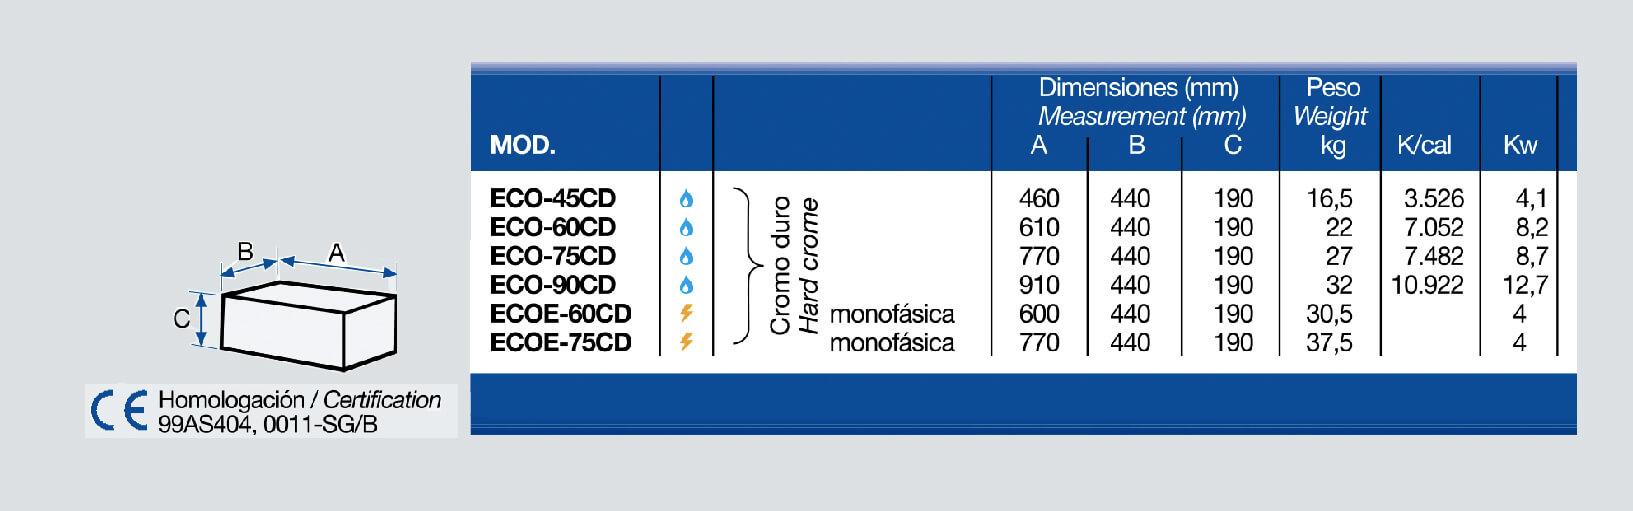 Dimensiones planchas de cromo duro